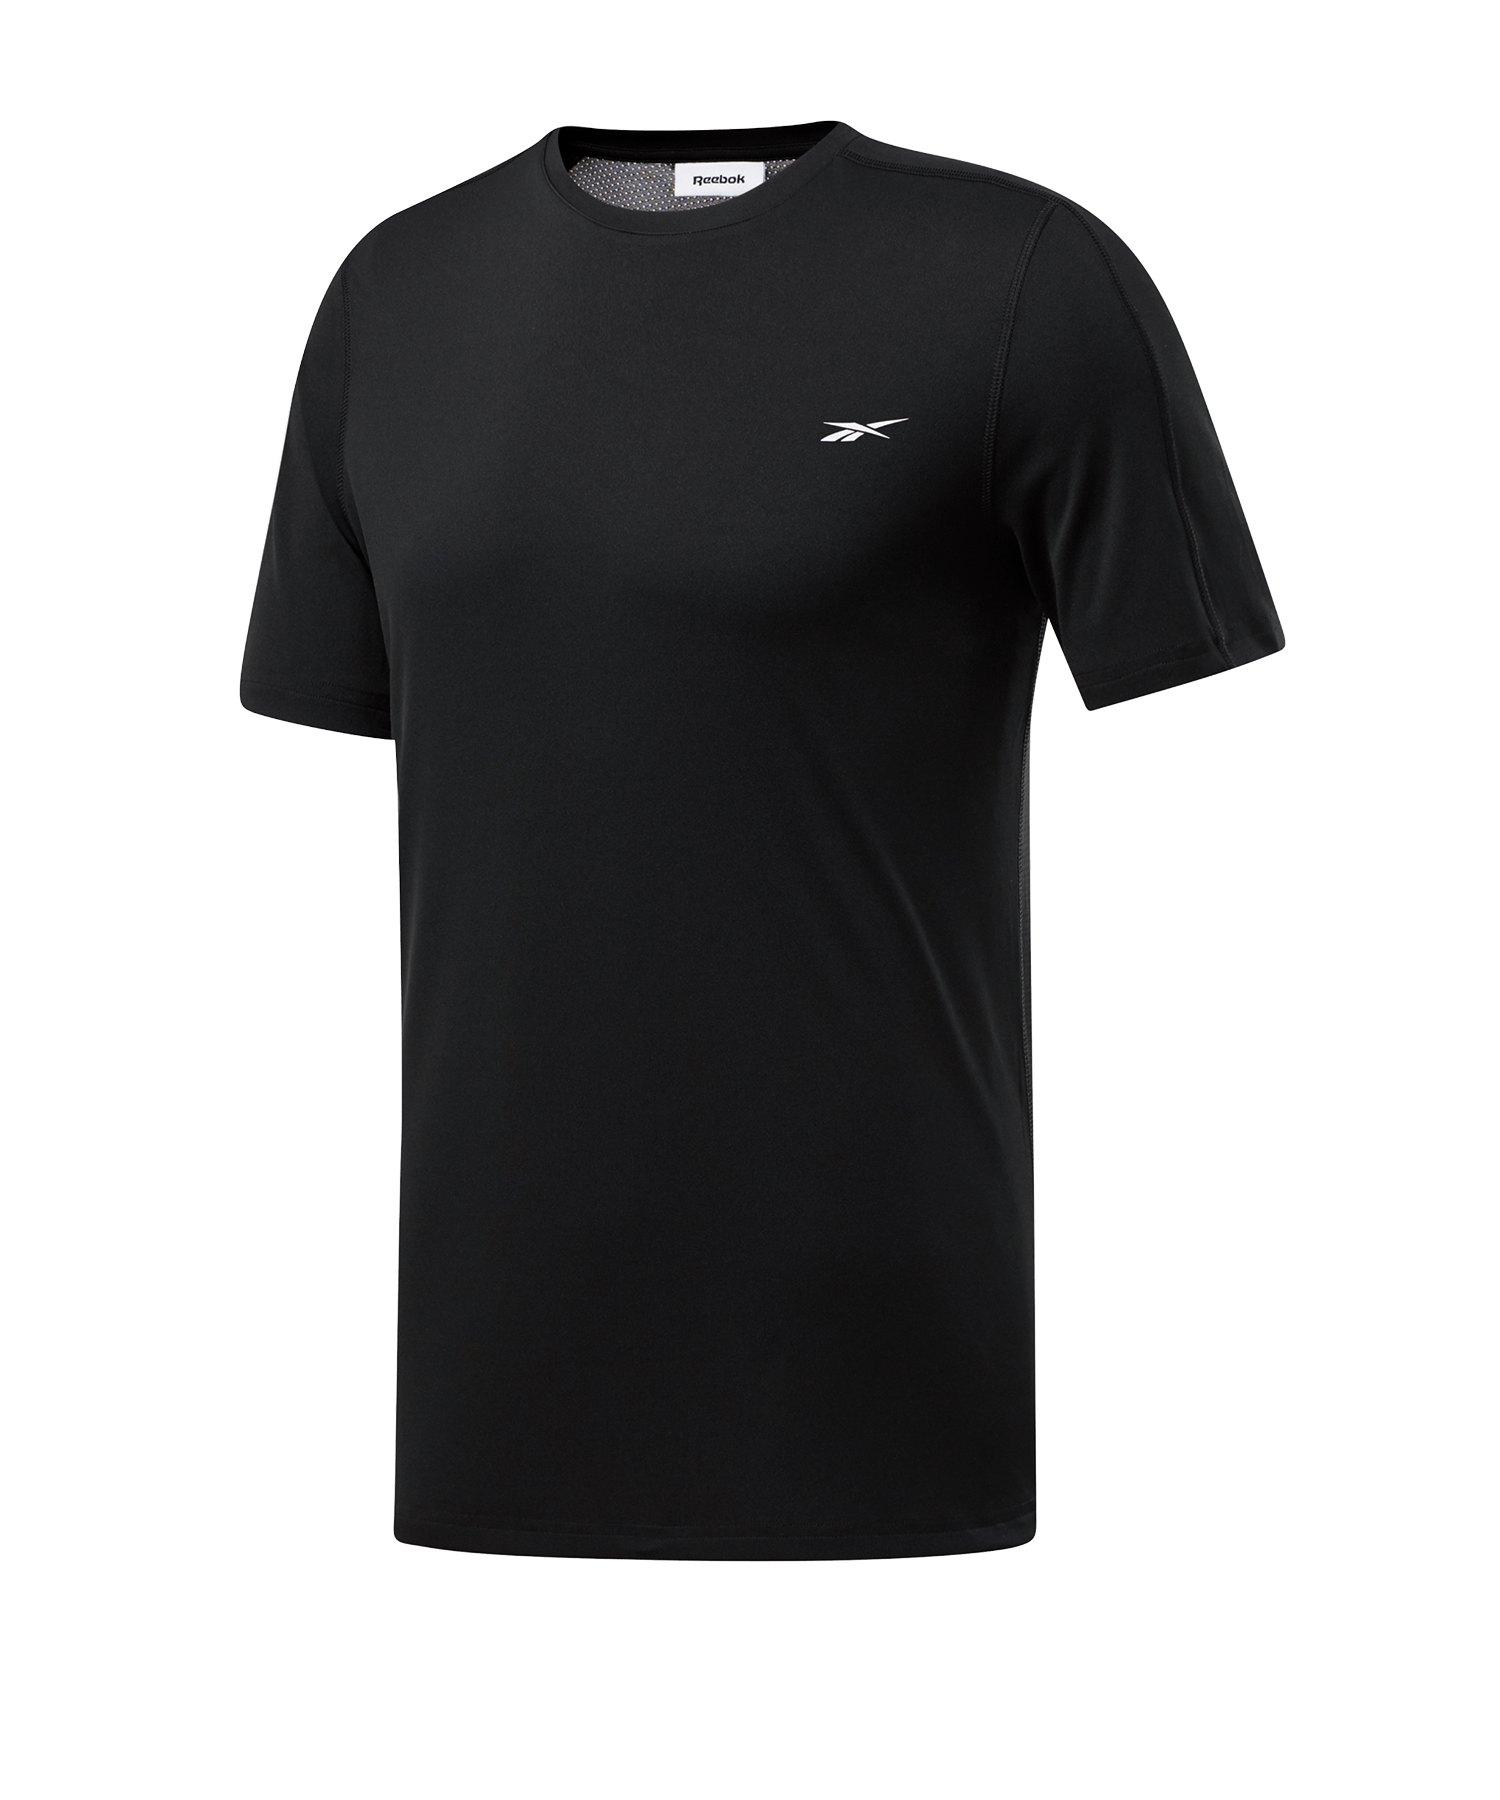 Reebok Workout Ready Tech T-Shirt Schwarz Weiss - schwarz